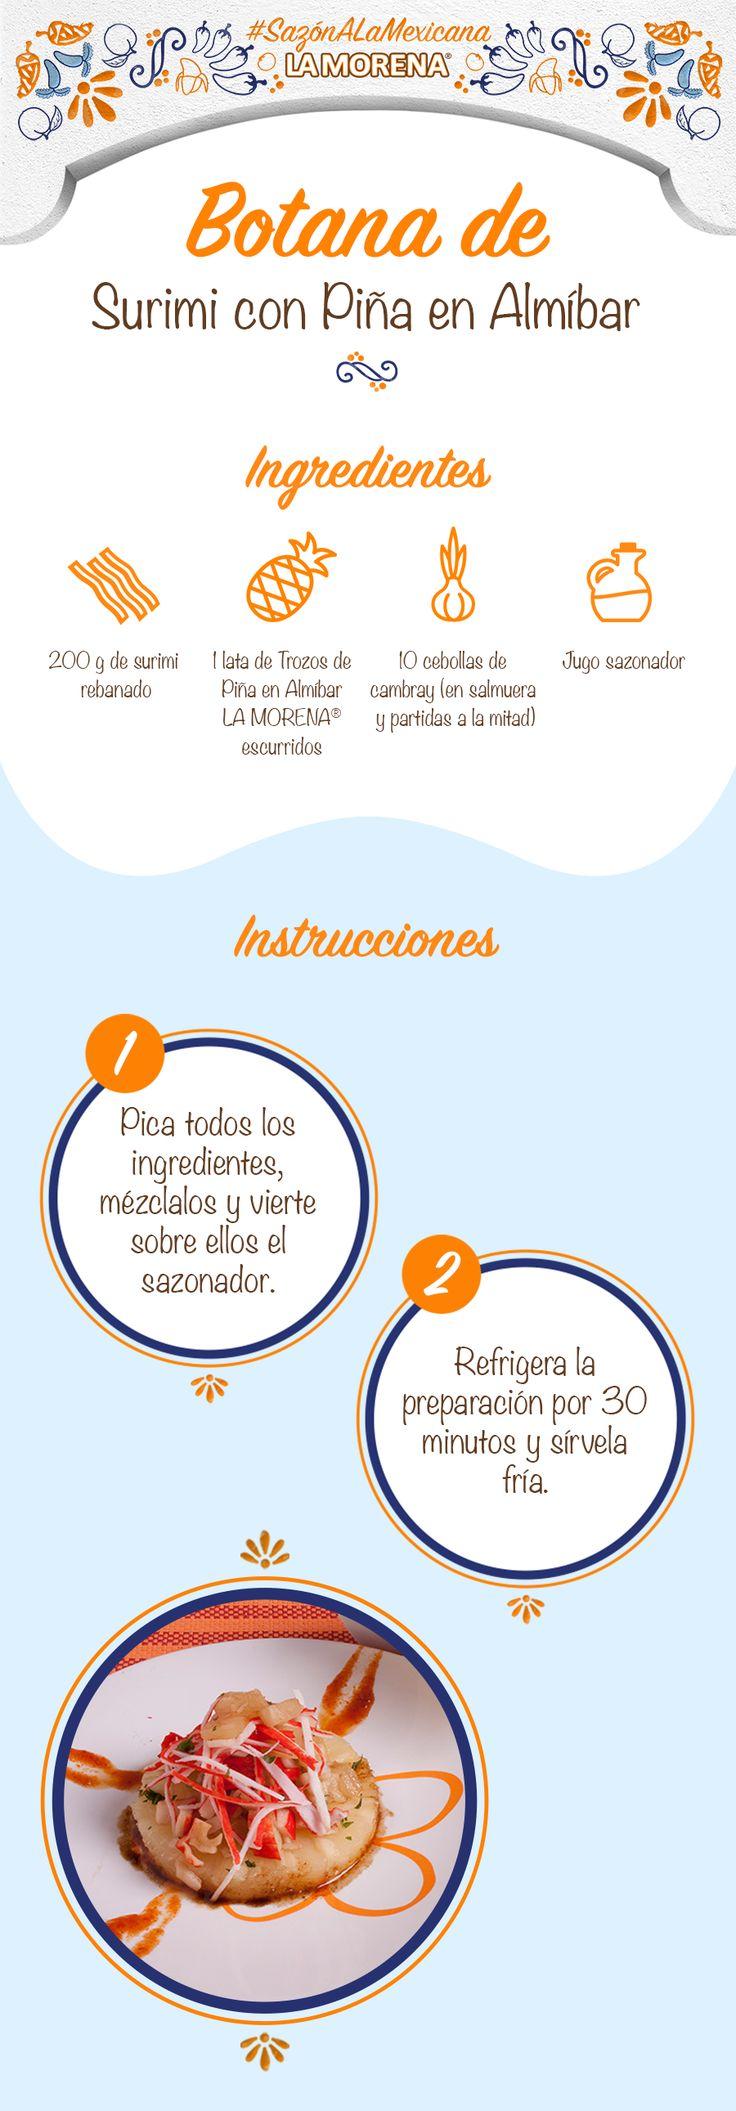 Las vacaciones son el momento ideal para crear nuevos platillos con los Trozos de Piña en Almíbar La Morena.